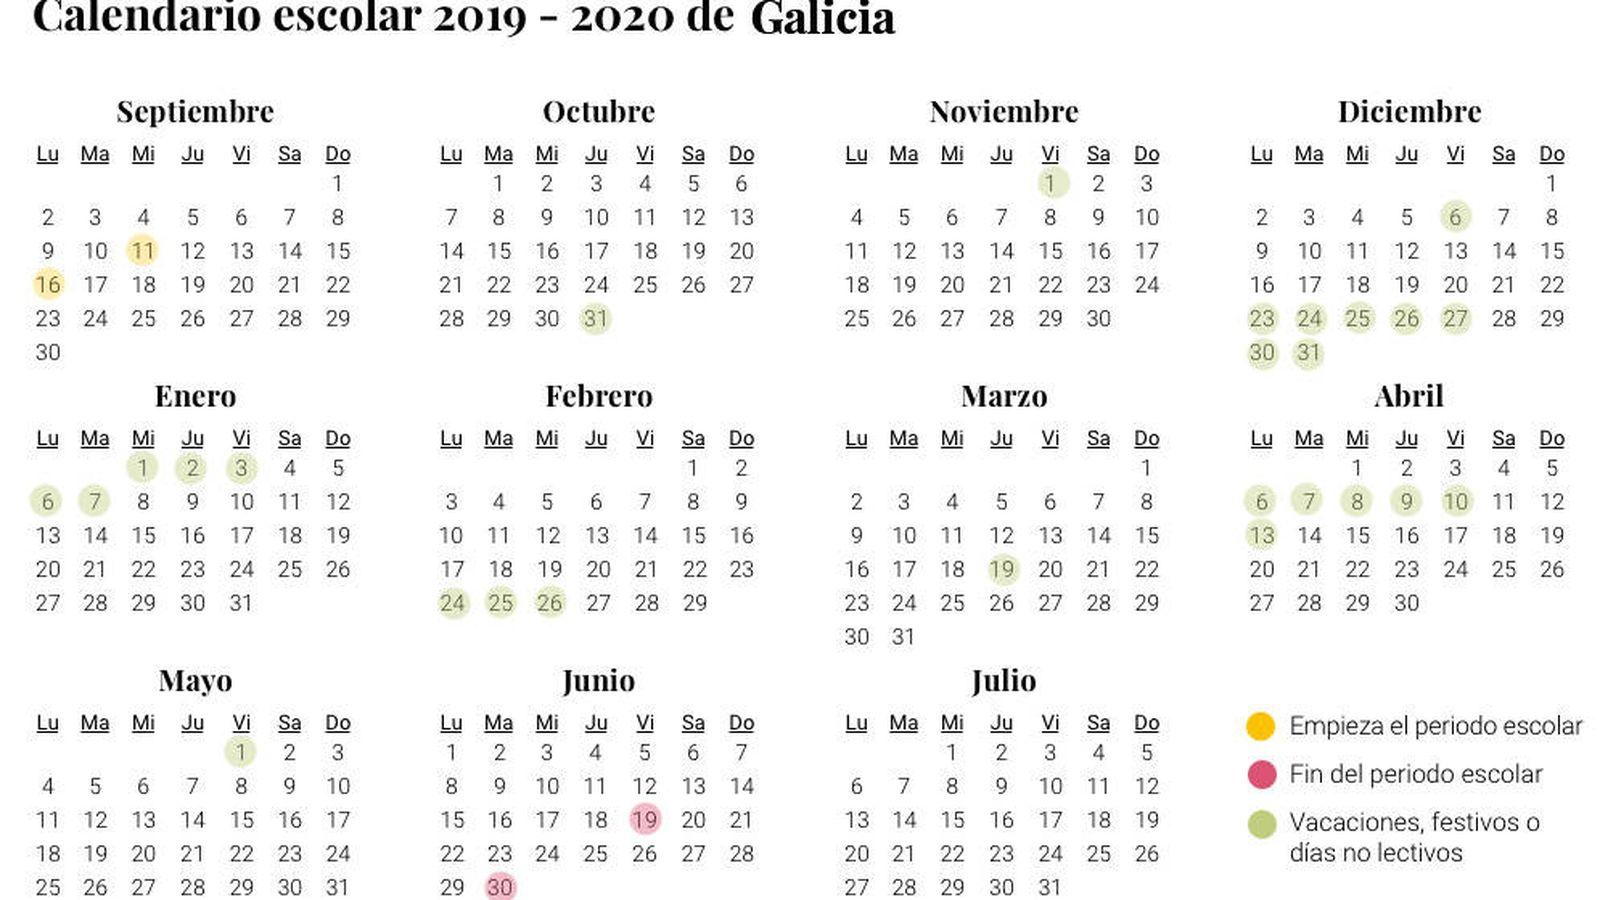 Calendario Escolar 2019 2020 En Galicia Vacaciones Festivos Y Otros Días Sin Colegio